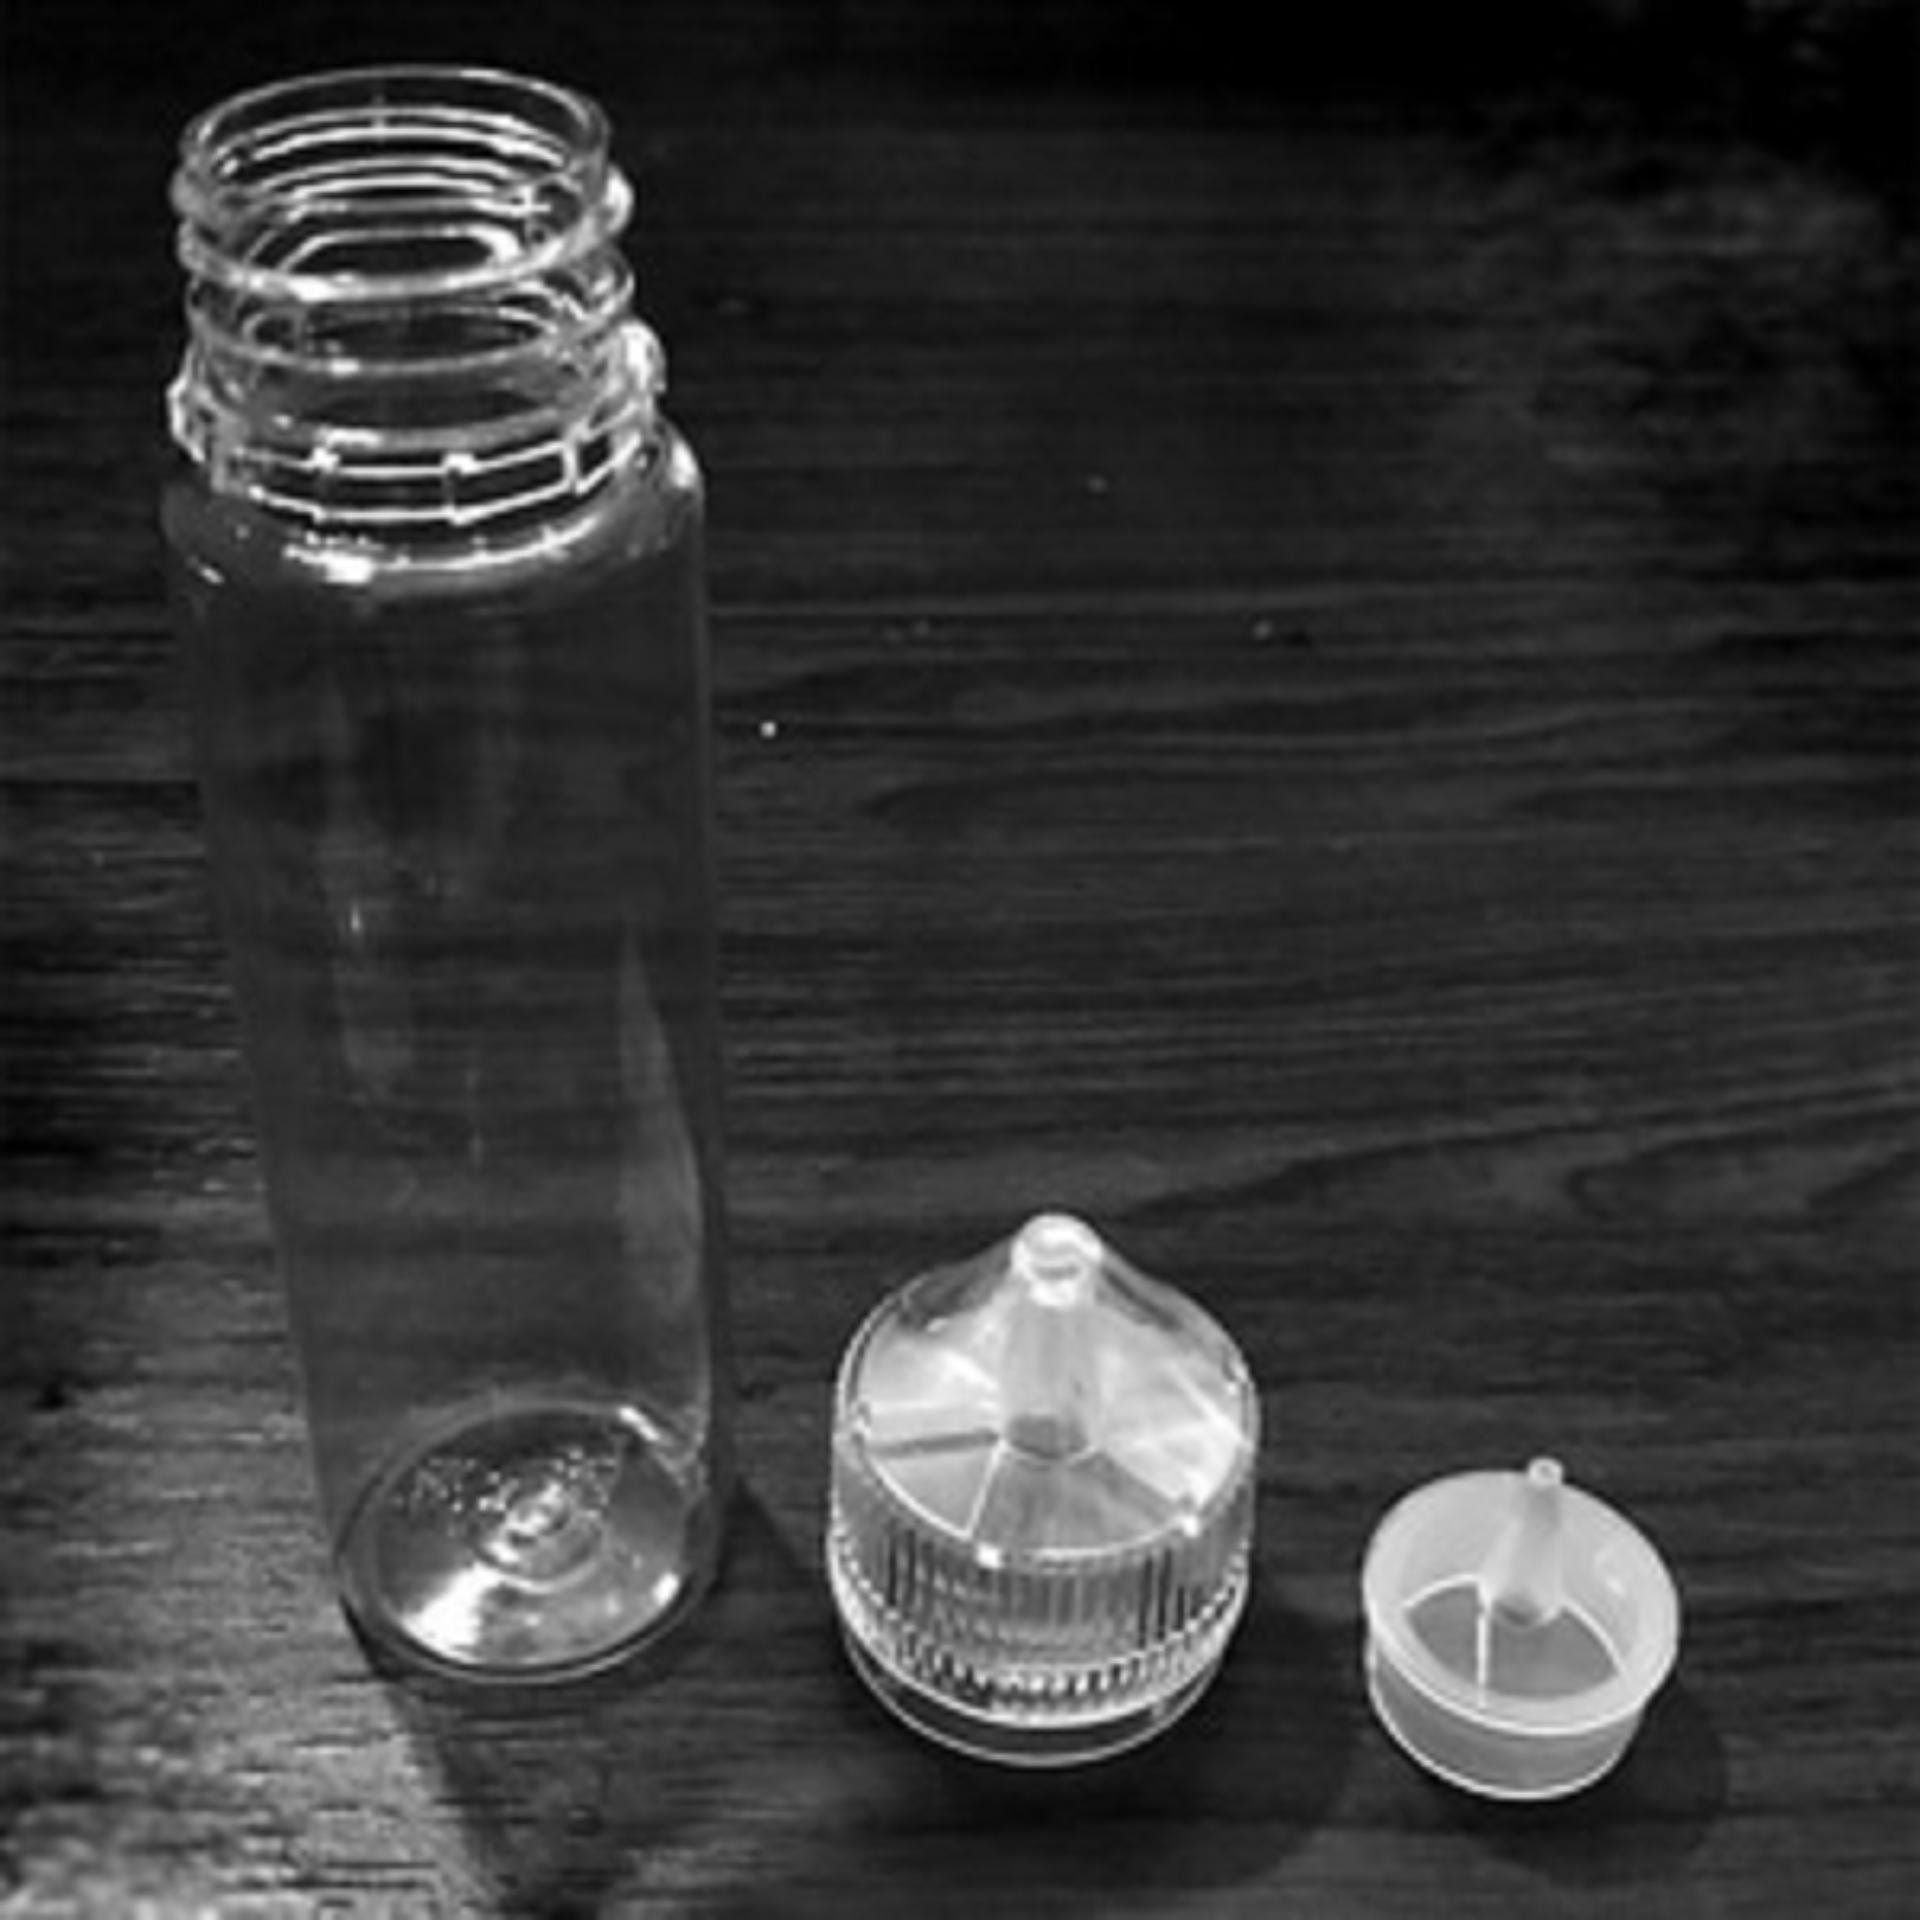 Botol Pipet Kaca 60ml 5 Pcs Daftar Harga Terkini Dan Terlengkap Chubby Gorilla Transparan Liquid 60 Ml Clone For Eliquid